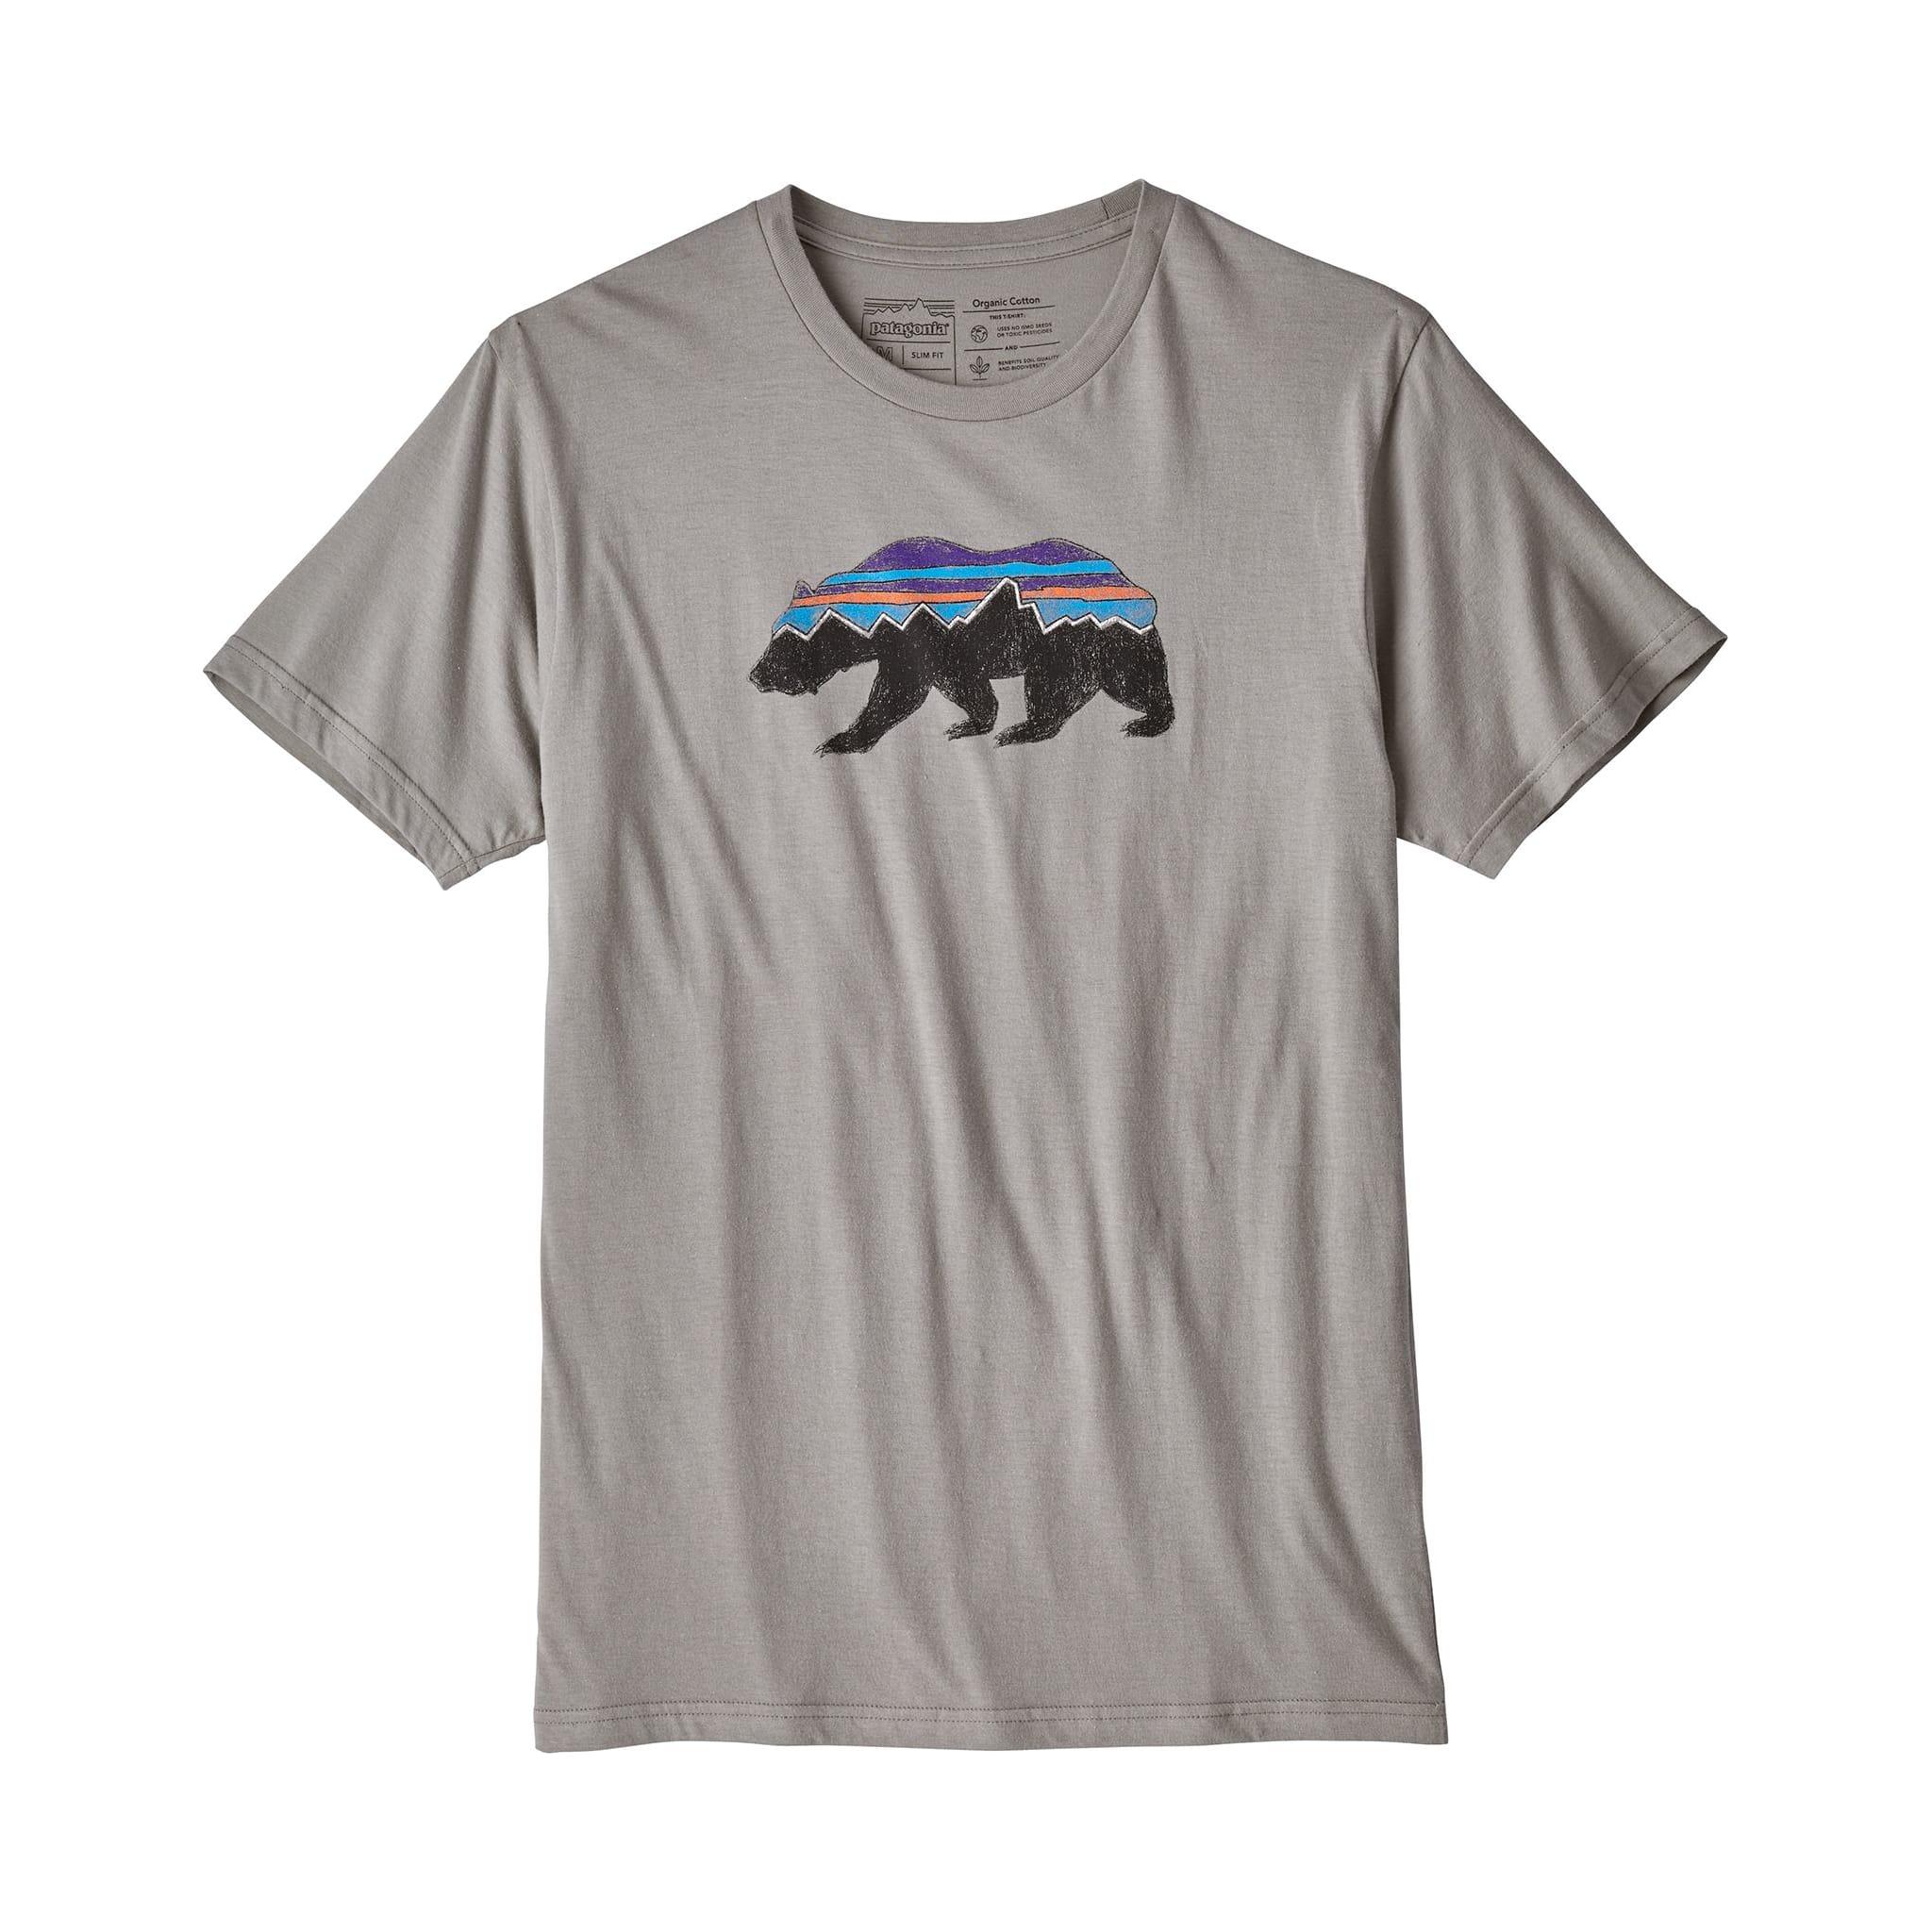 Tynn og lett t-skjorte i organisk bomull